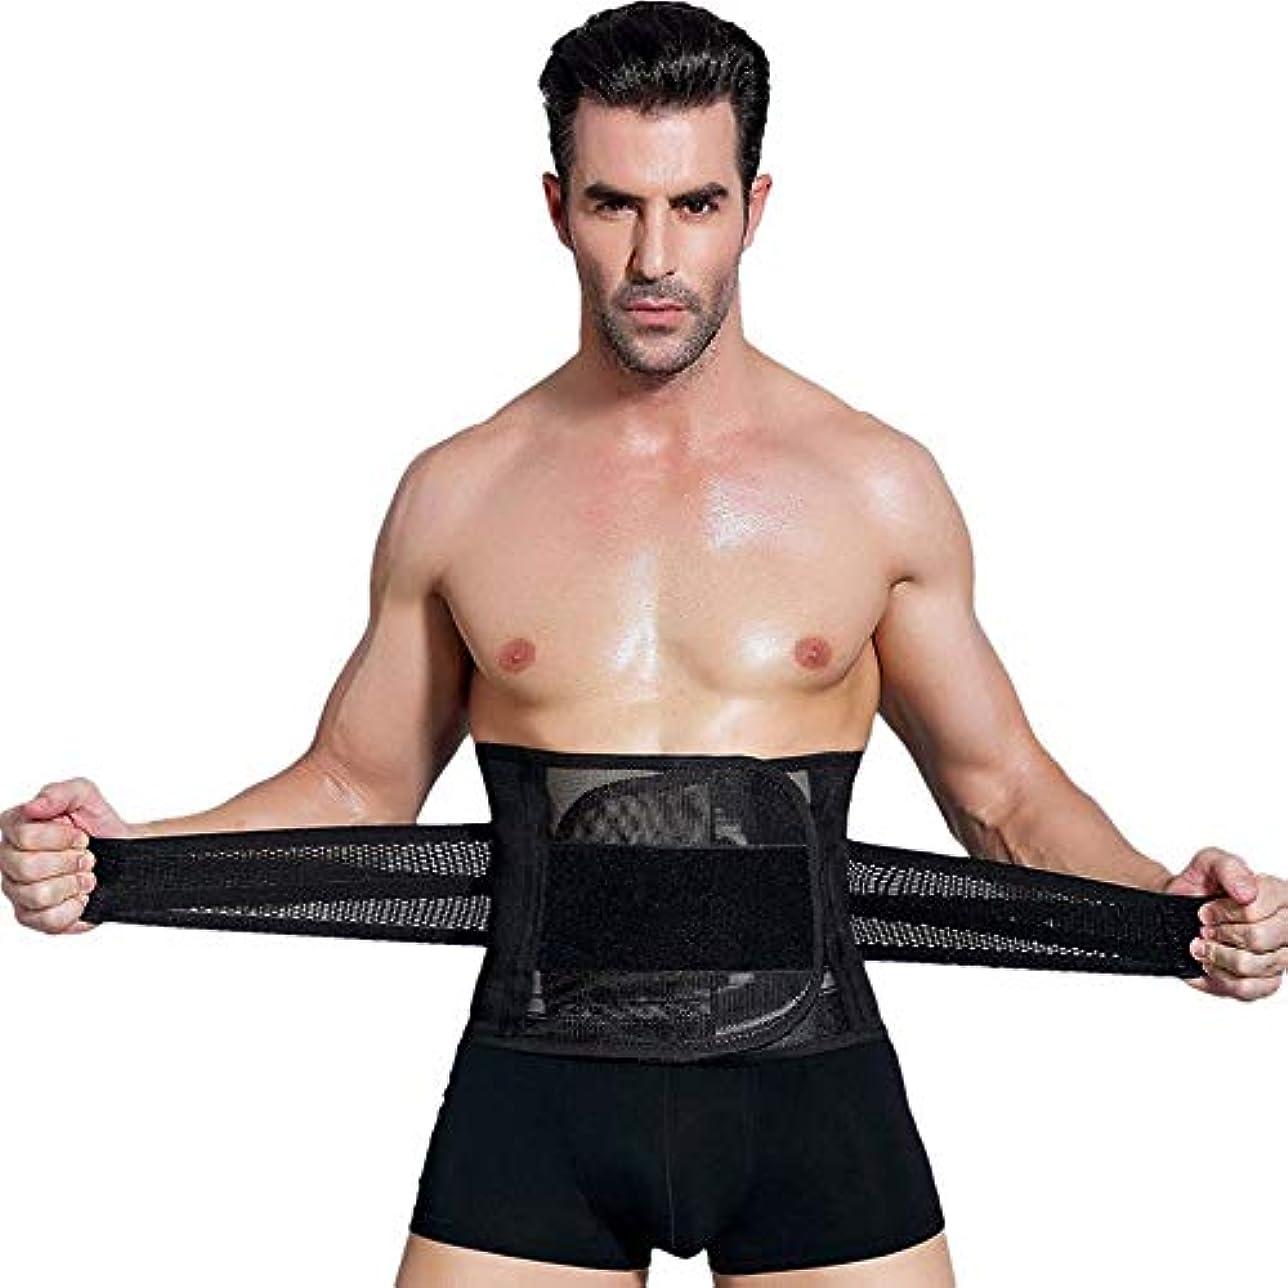 スカーフかかわらず謝罪男性ボディシェイパーコルセット腹部おなかコントロールウエストトレーナーニッパー脂肪燃焼ガードル痩身腹ベルト用男性 - ブラックXXL